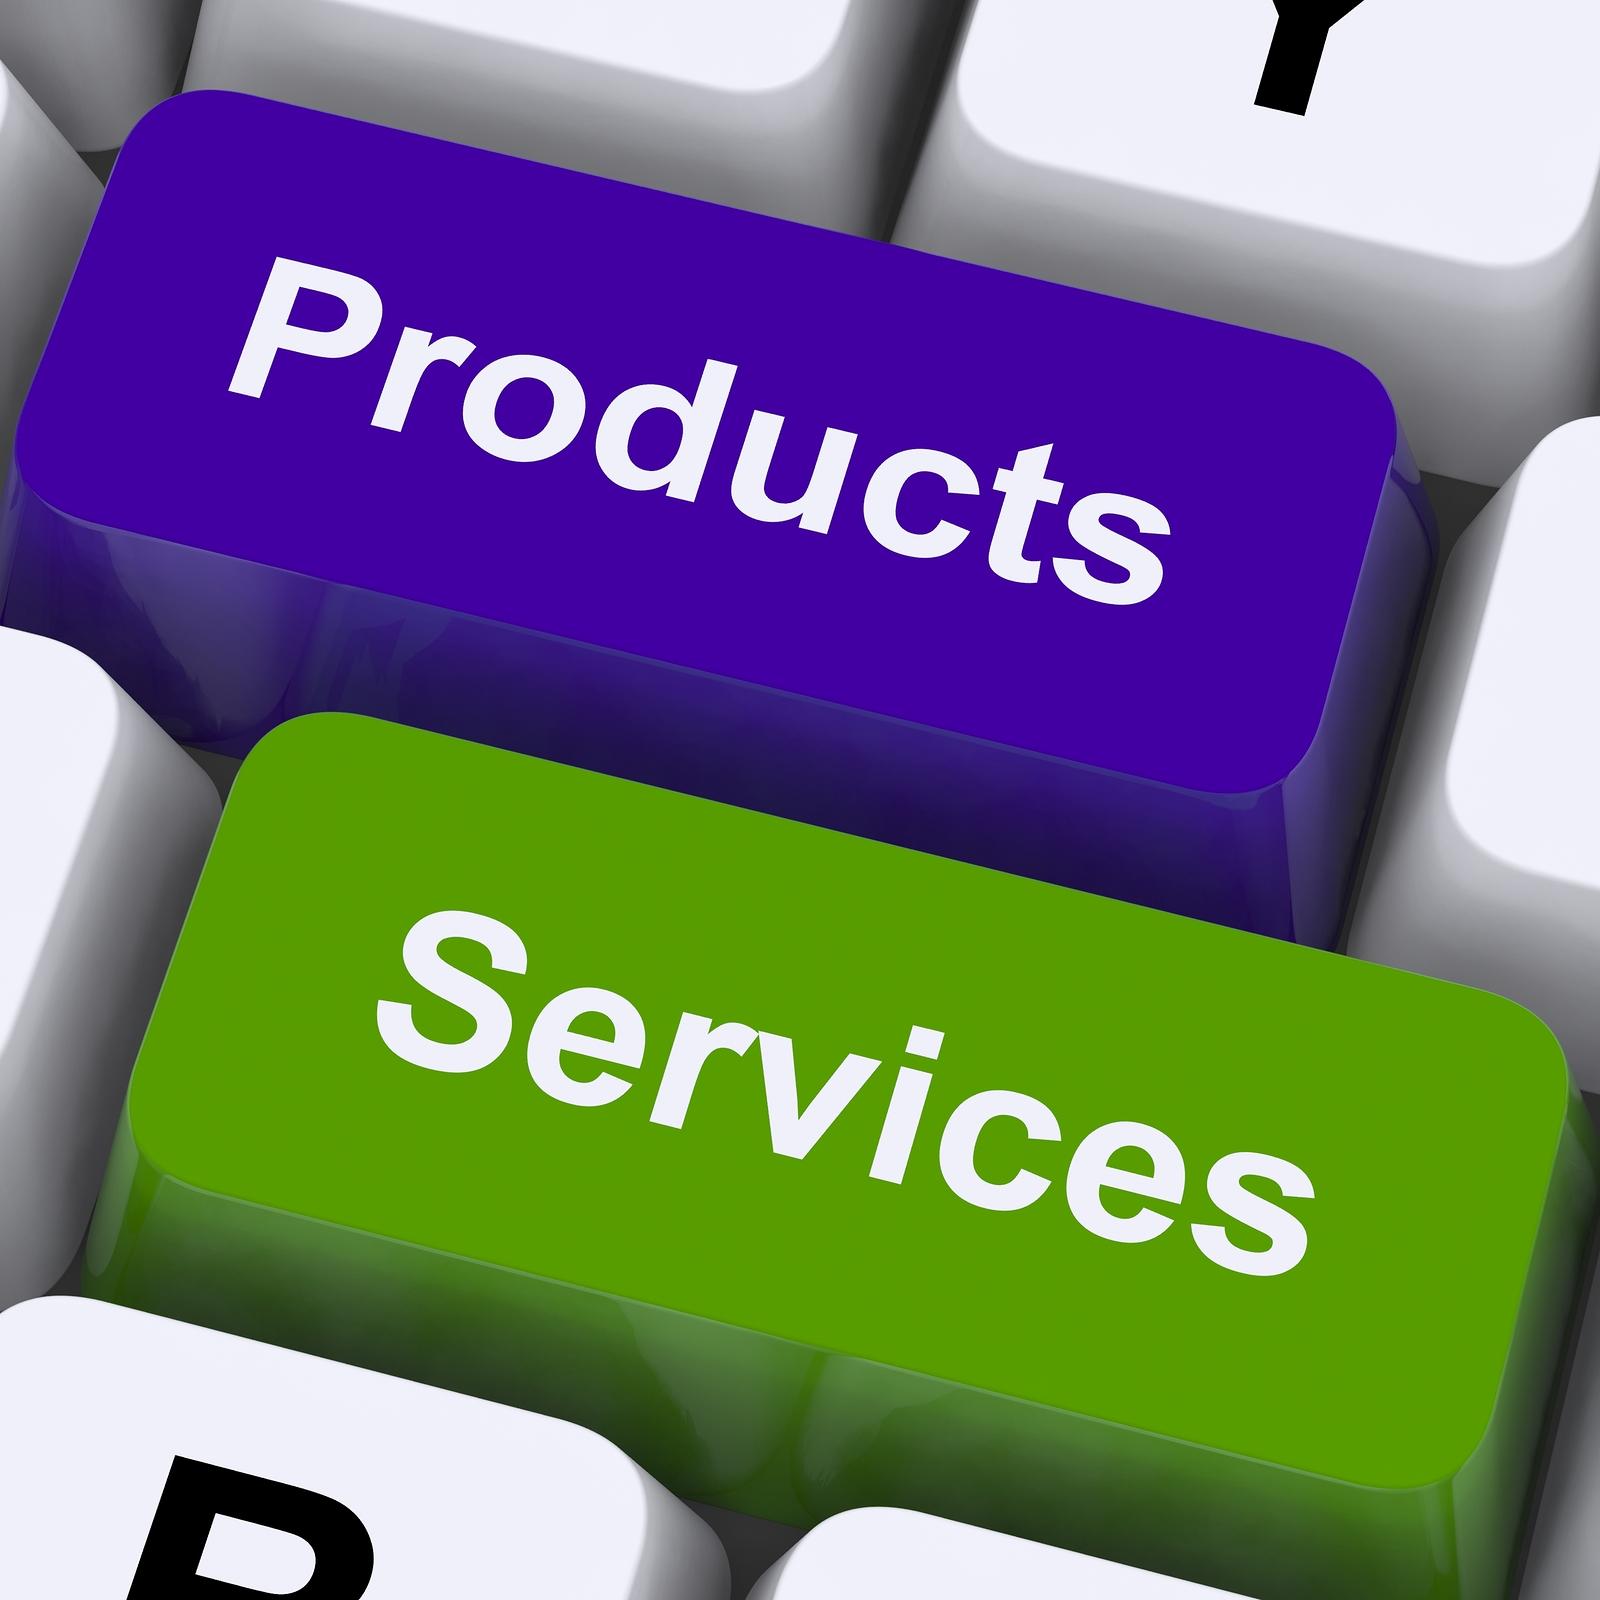 Товары или услуги: что лучше продается в наше время?